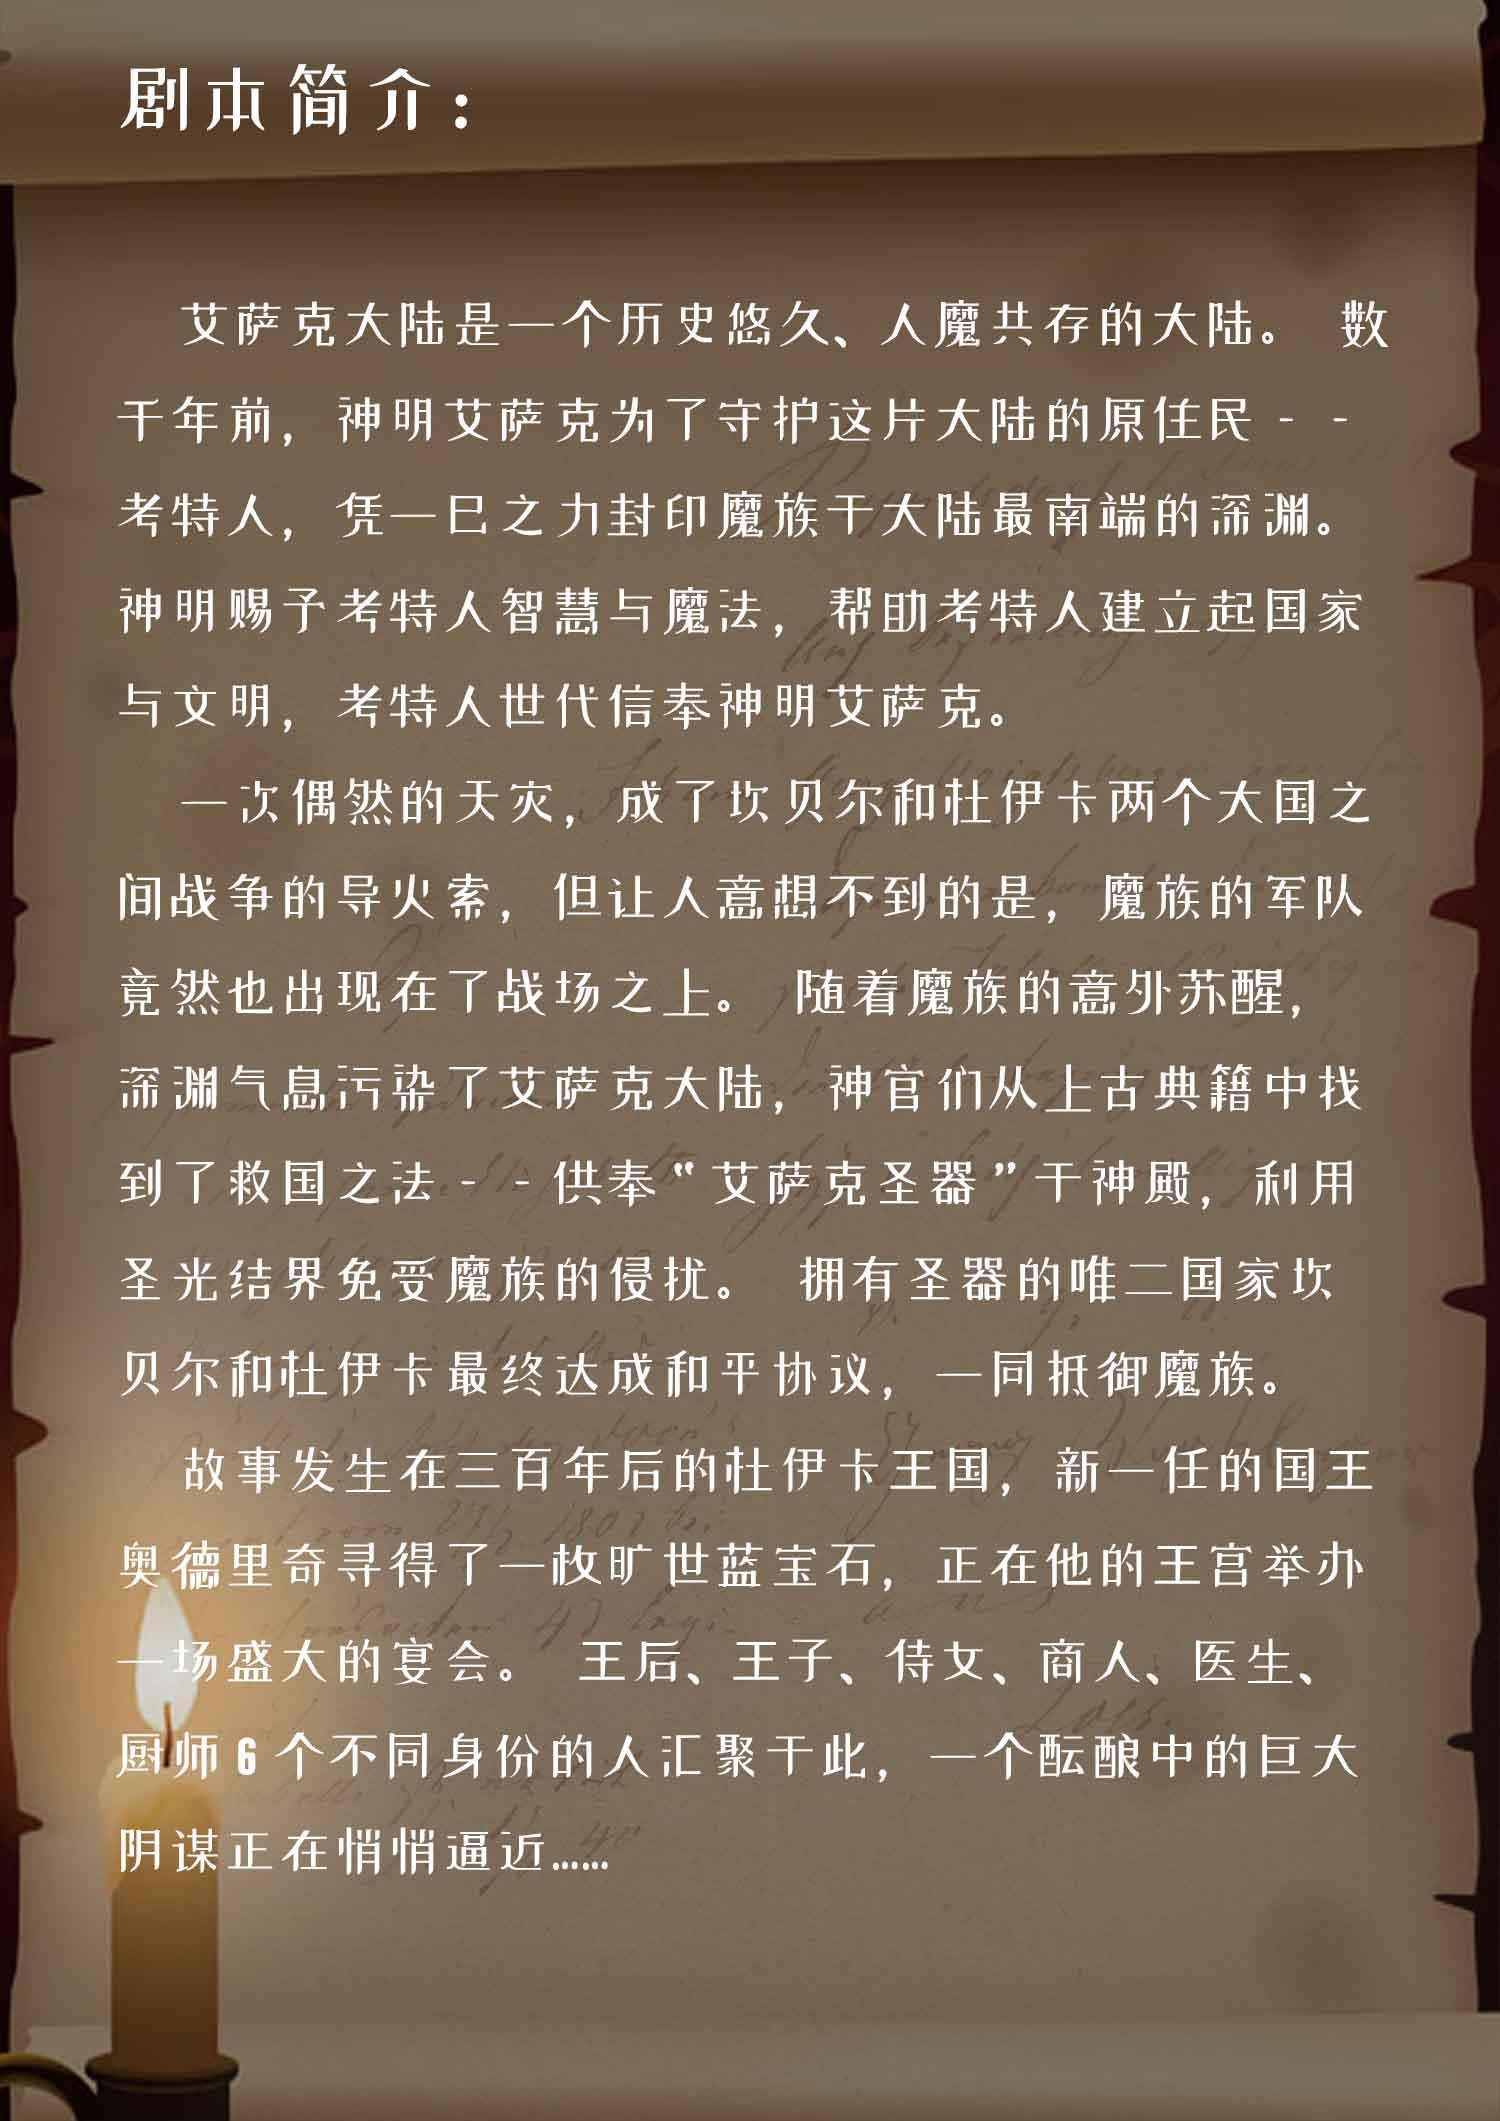 『艾萨克传说』剧本杀解析_真相_复盘_凶手是谁